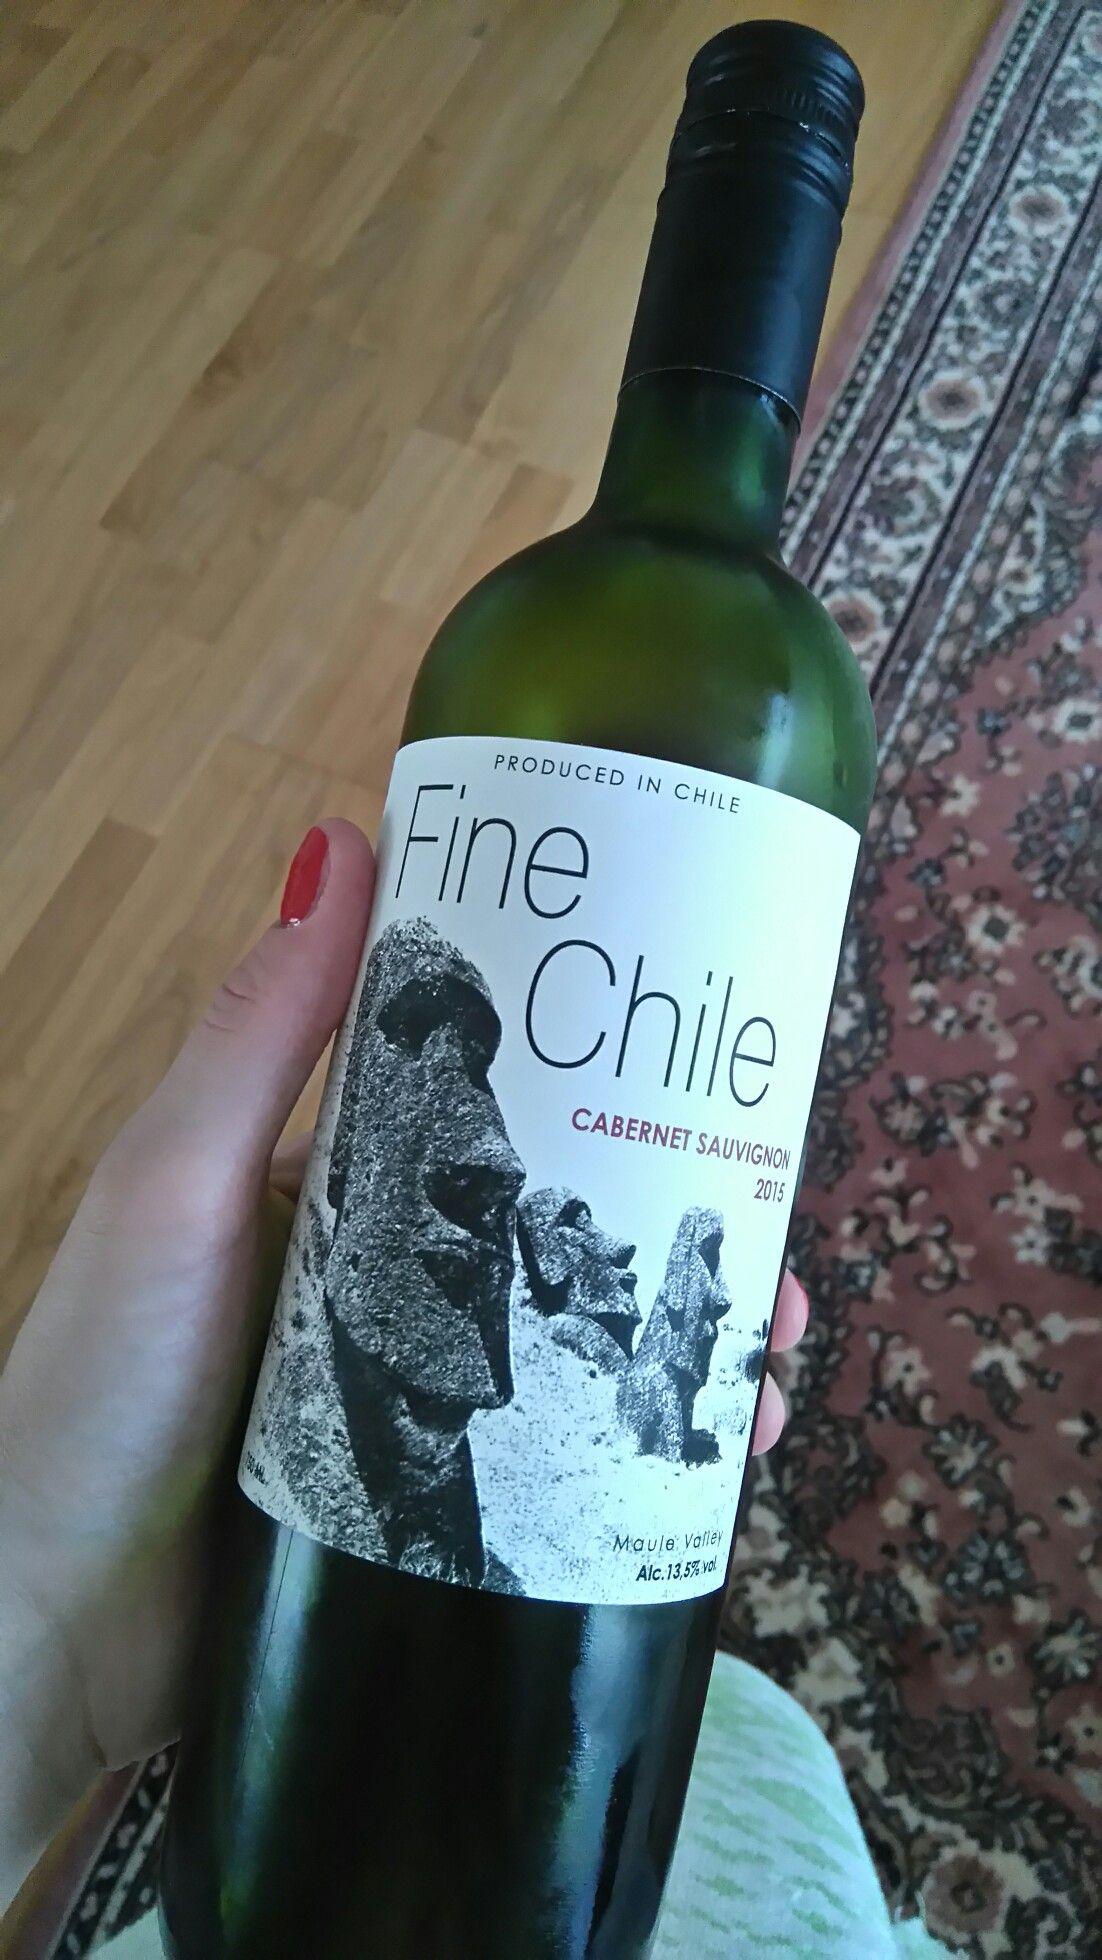 Fine Chile Cabernet Savignon